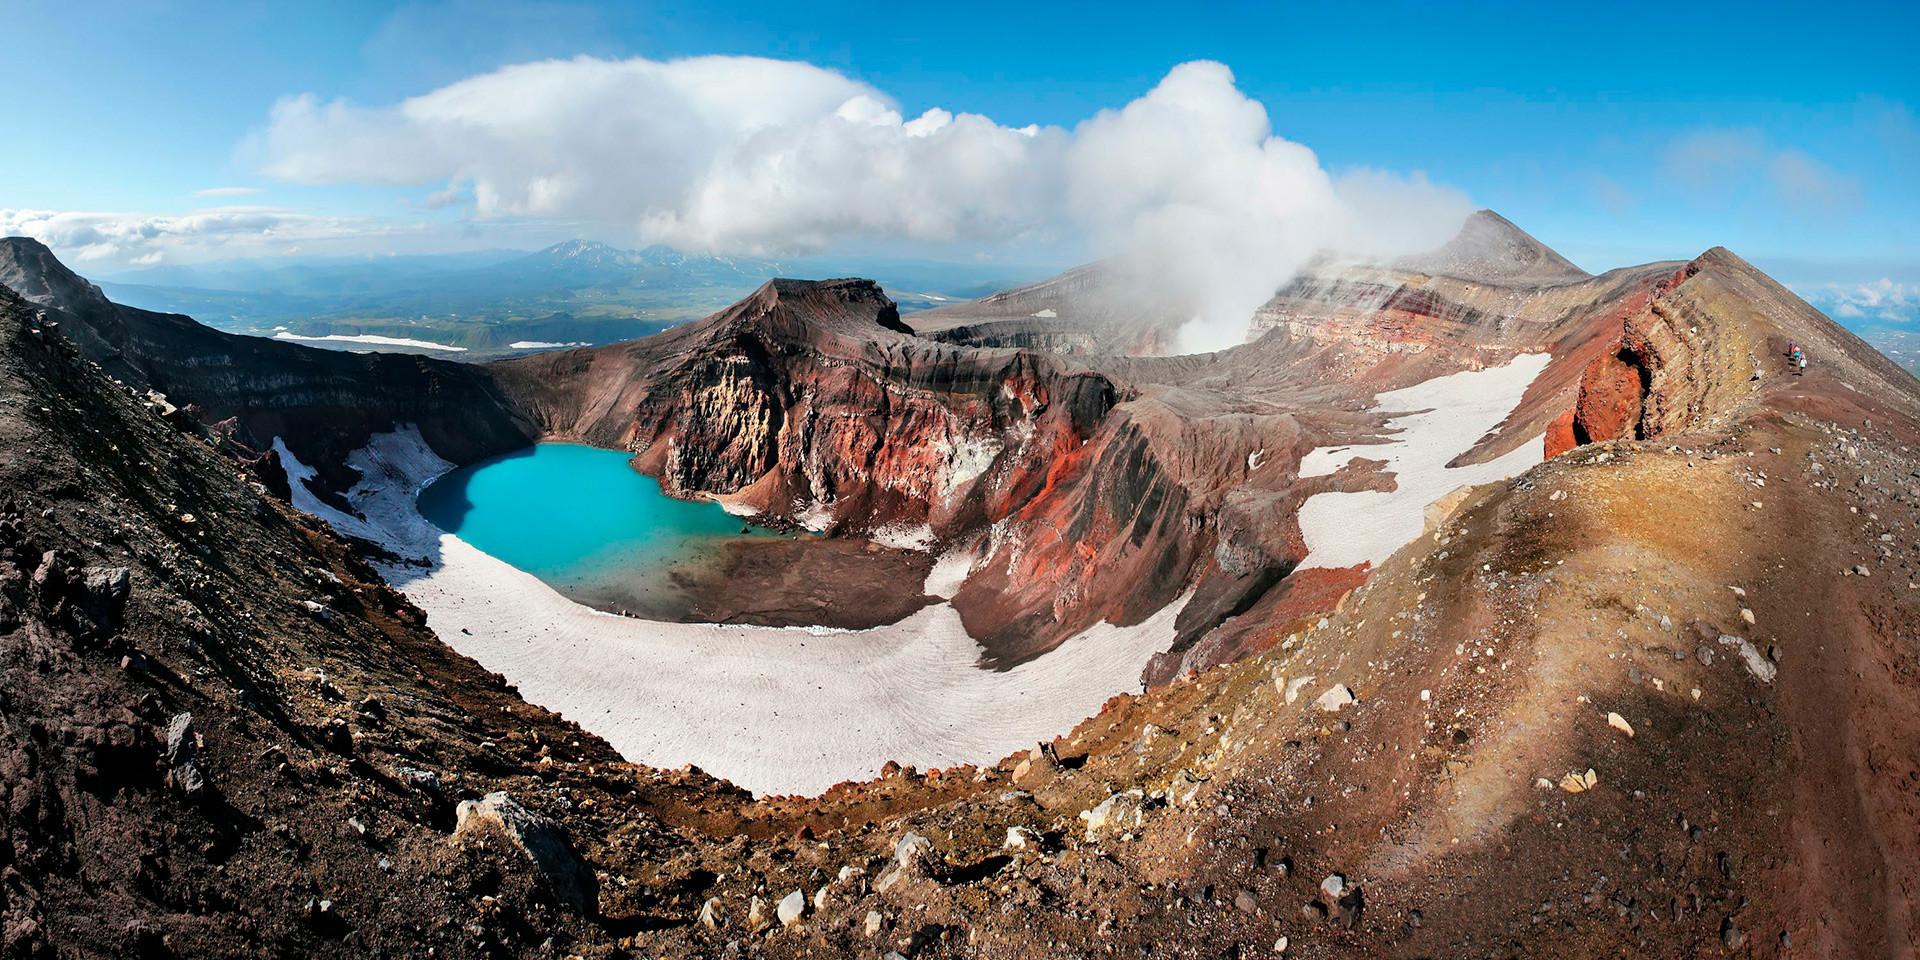 El lago Kurile es un lago de cráter situado en una gran caldera al sur de la península de Kamchatka.